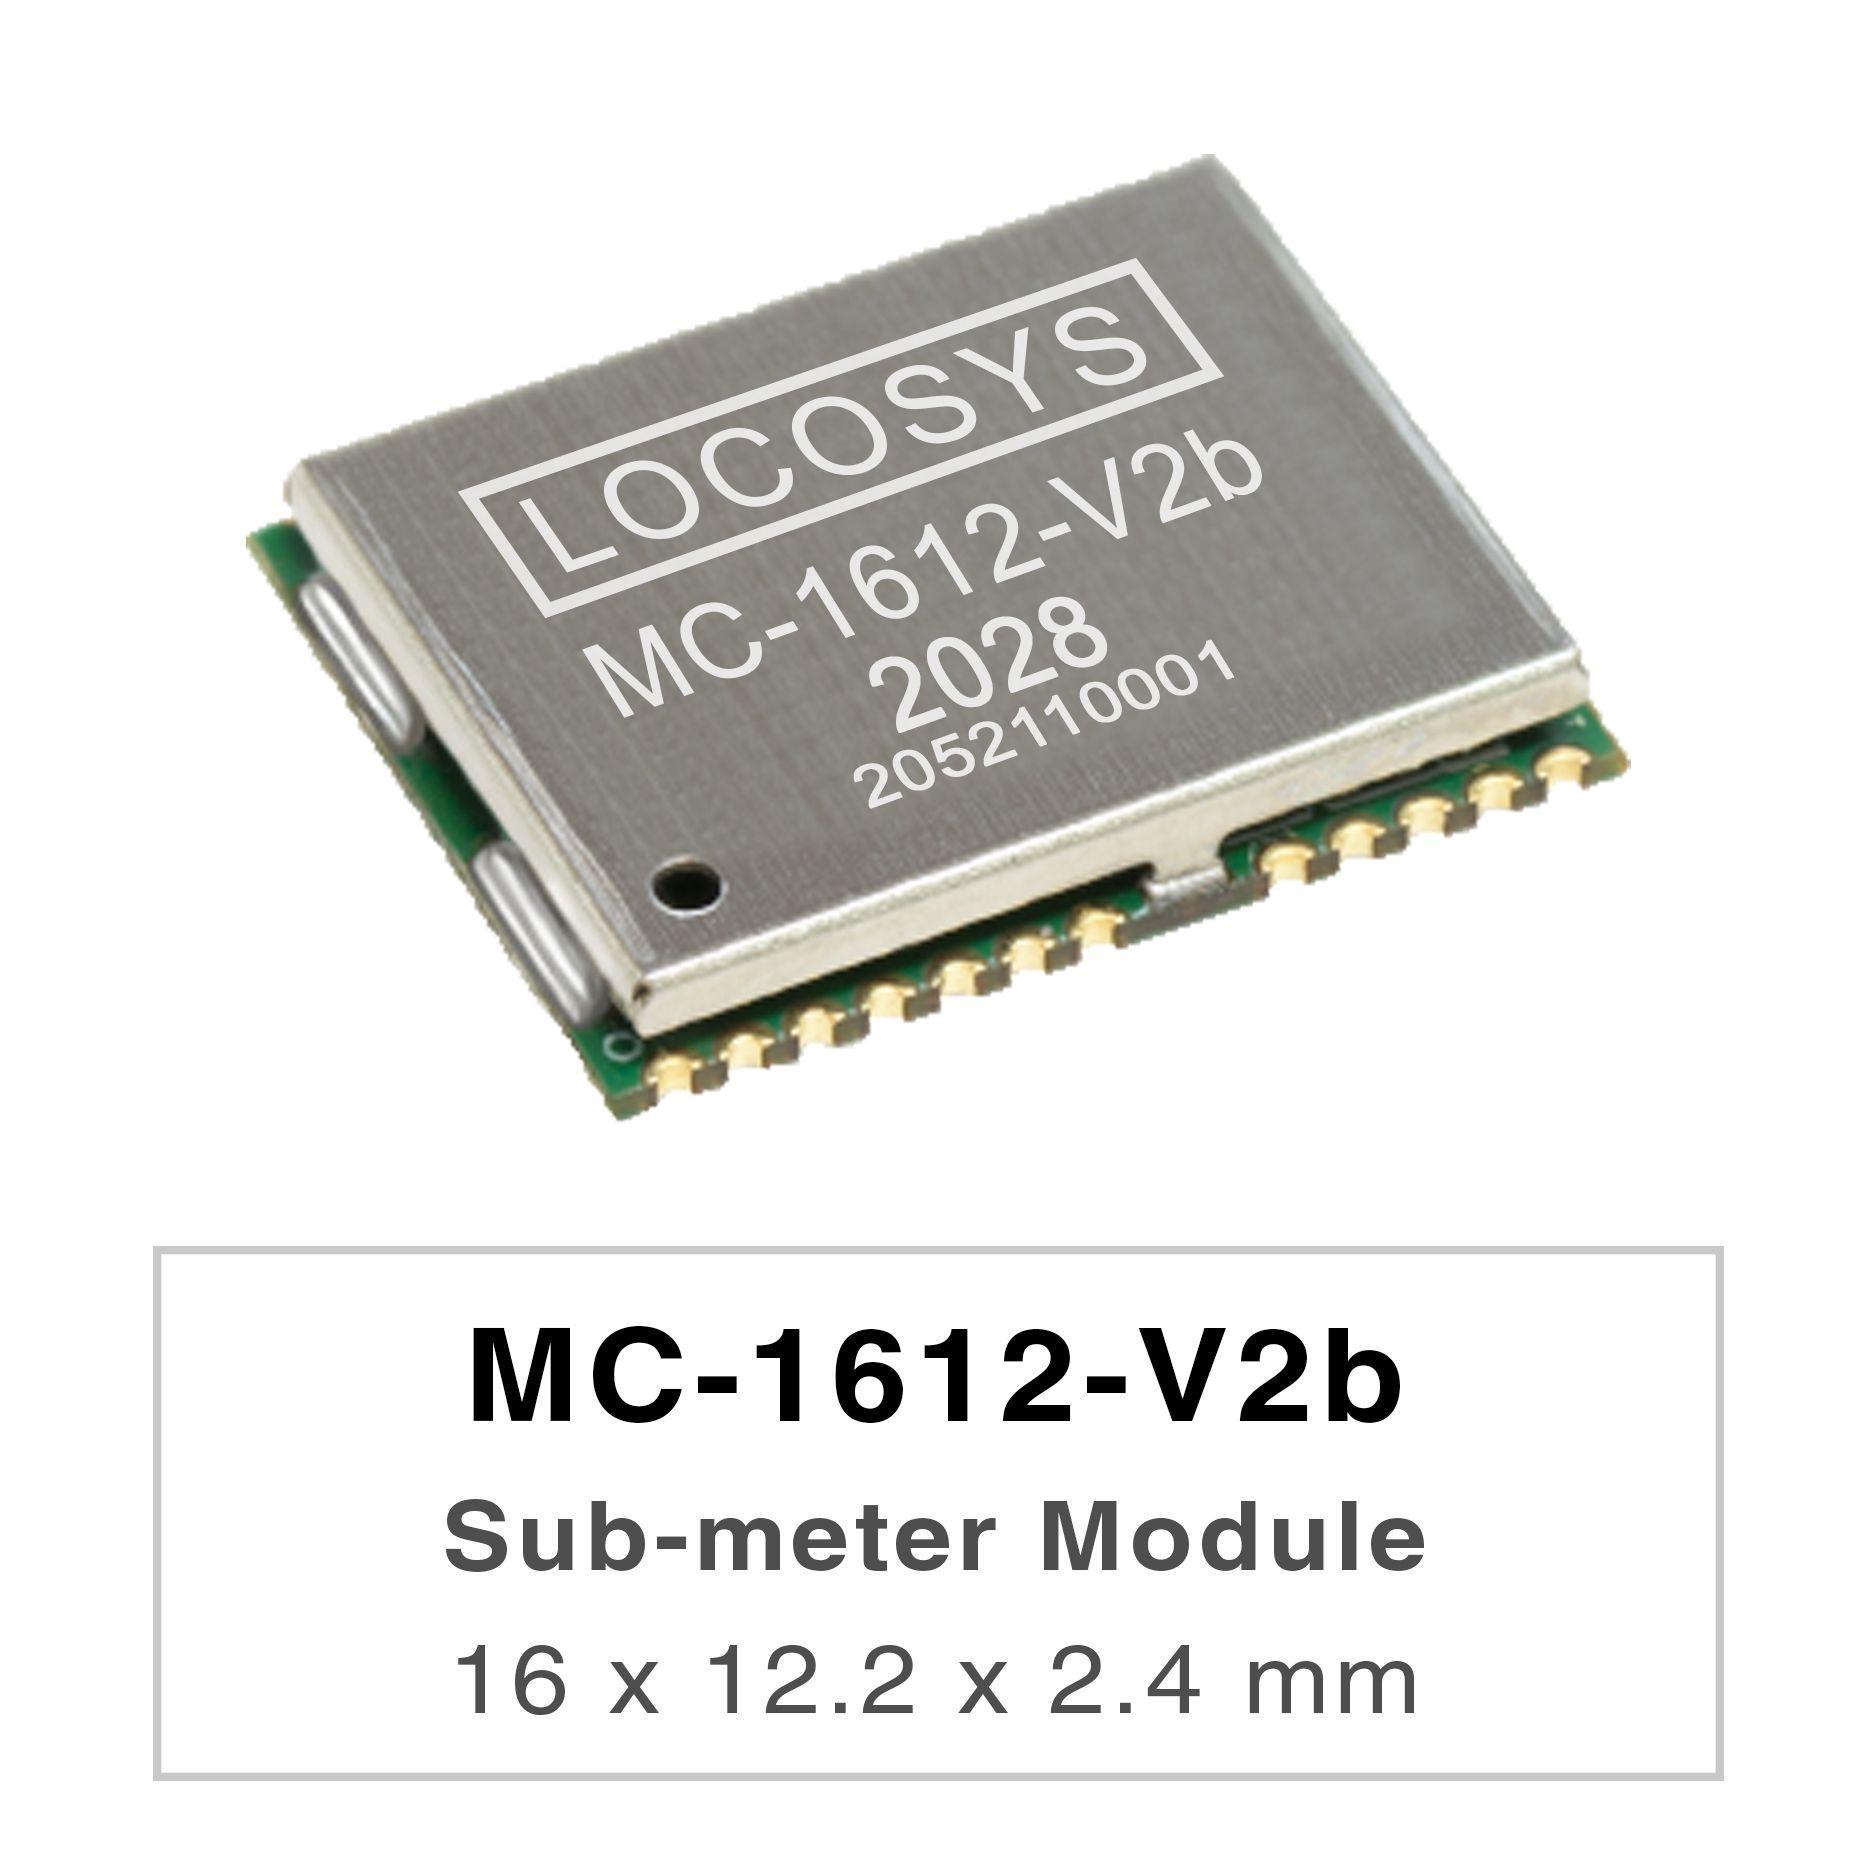 LOCOSYS MC-1612-Vxxシリーズは<br />、すべてのグローバルな民間ナビゲーションシステムを追跡できる高性能デュアルバンドGNSS測位モジュール です。12 nmプロセスを採用し、効率的な<br />電力管理アーキテクチャを統合 して、低電力と高感度を実現します。